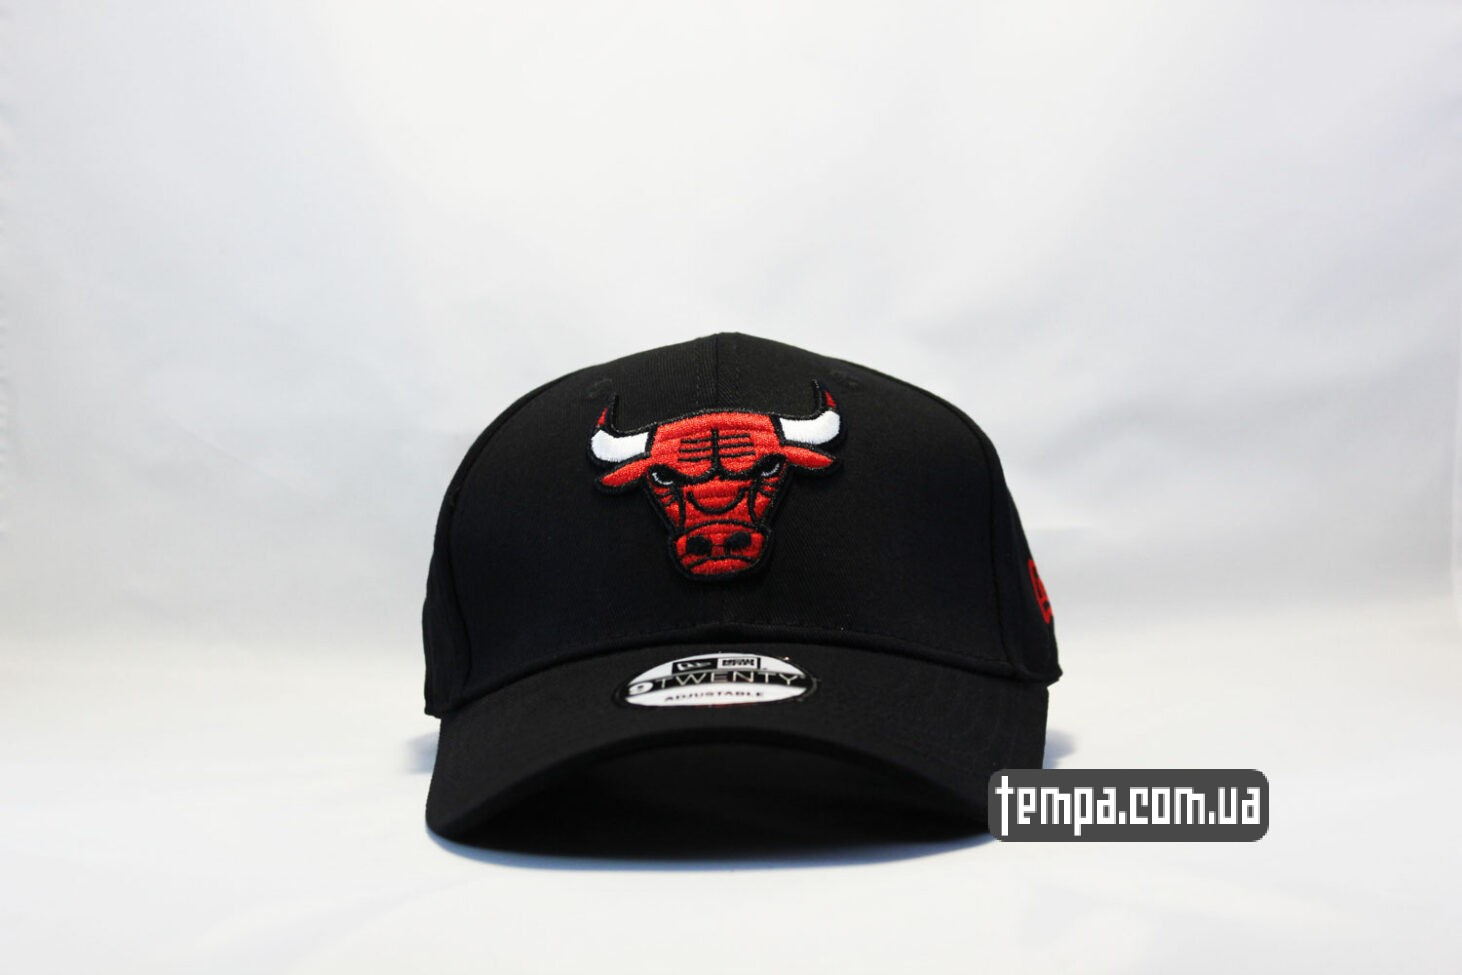 кепка бейсболка chicago bulls черная new era 9twnty с быком